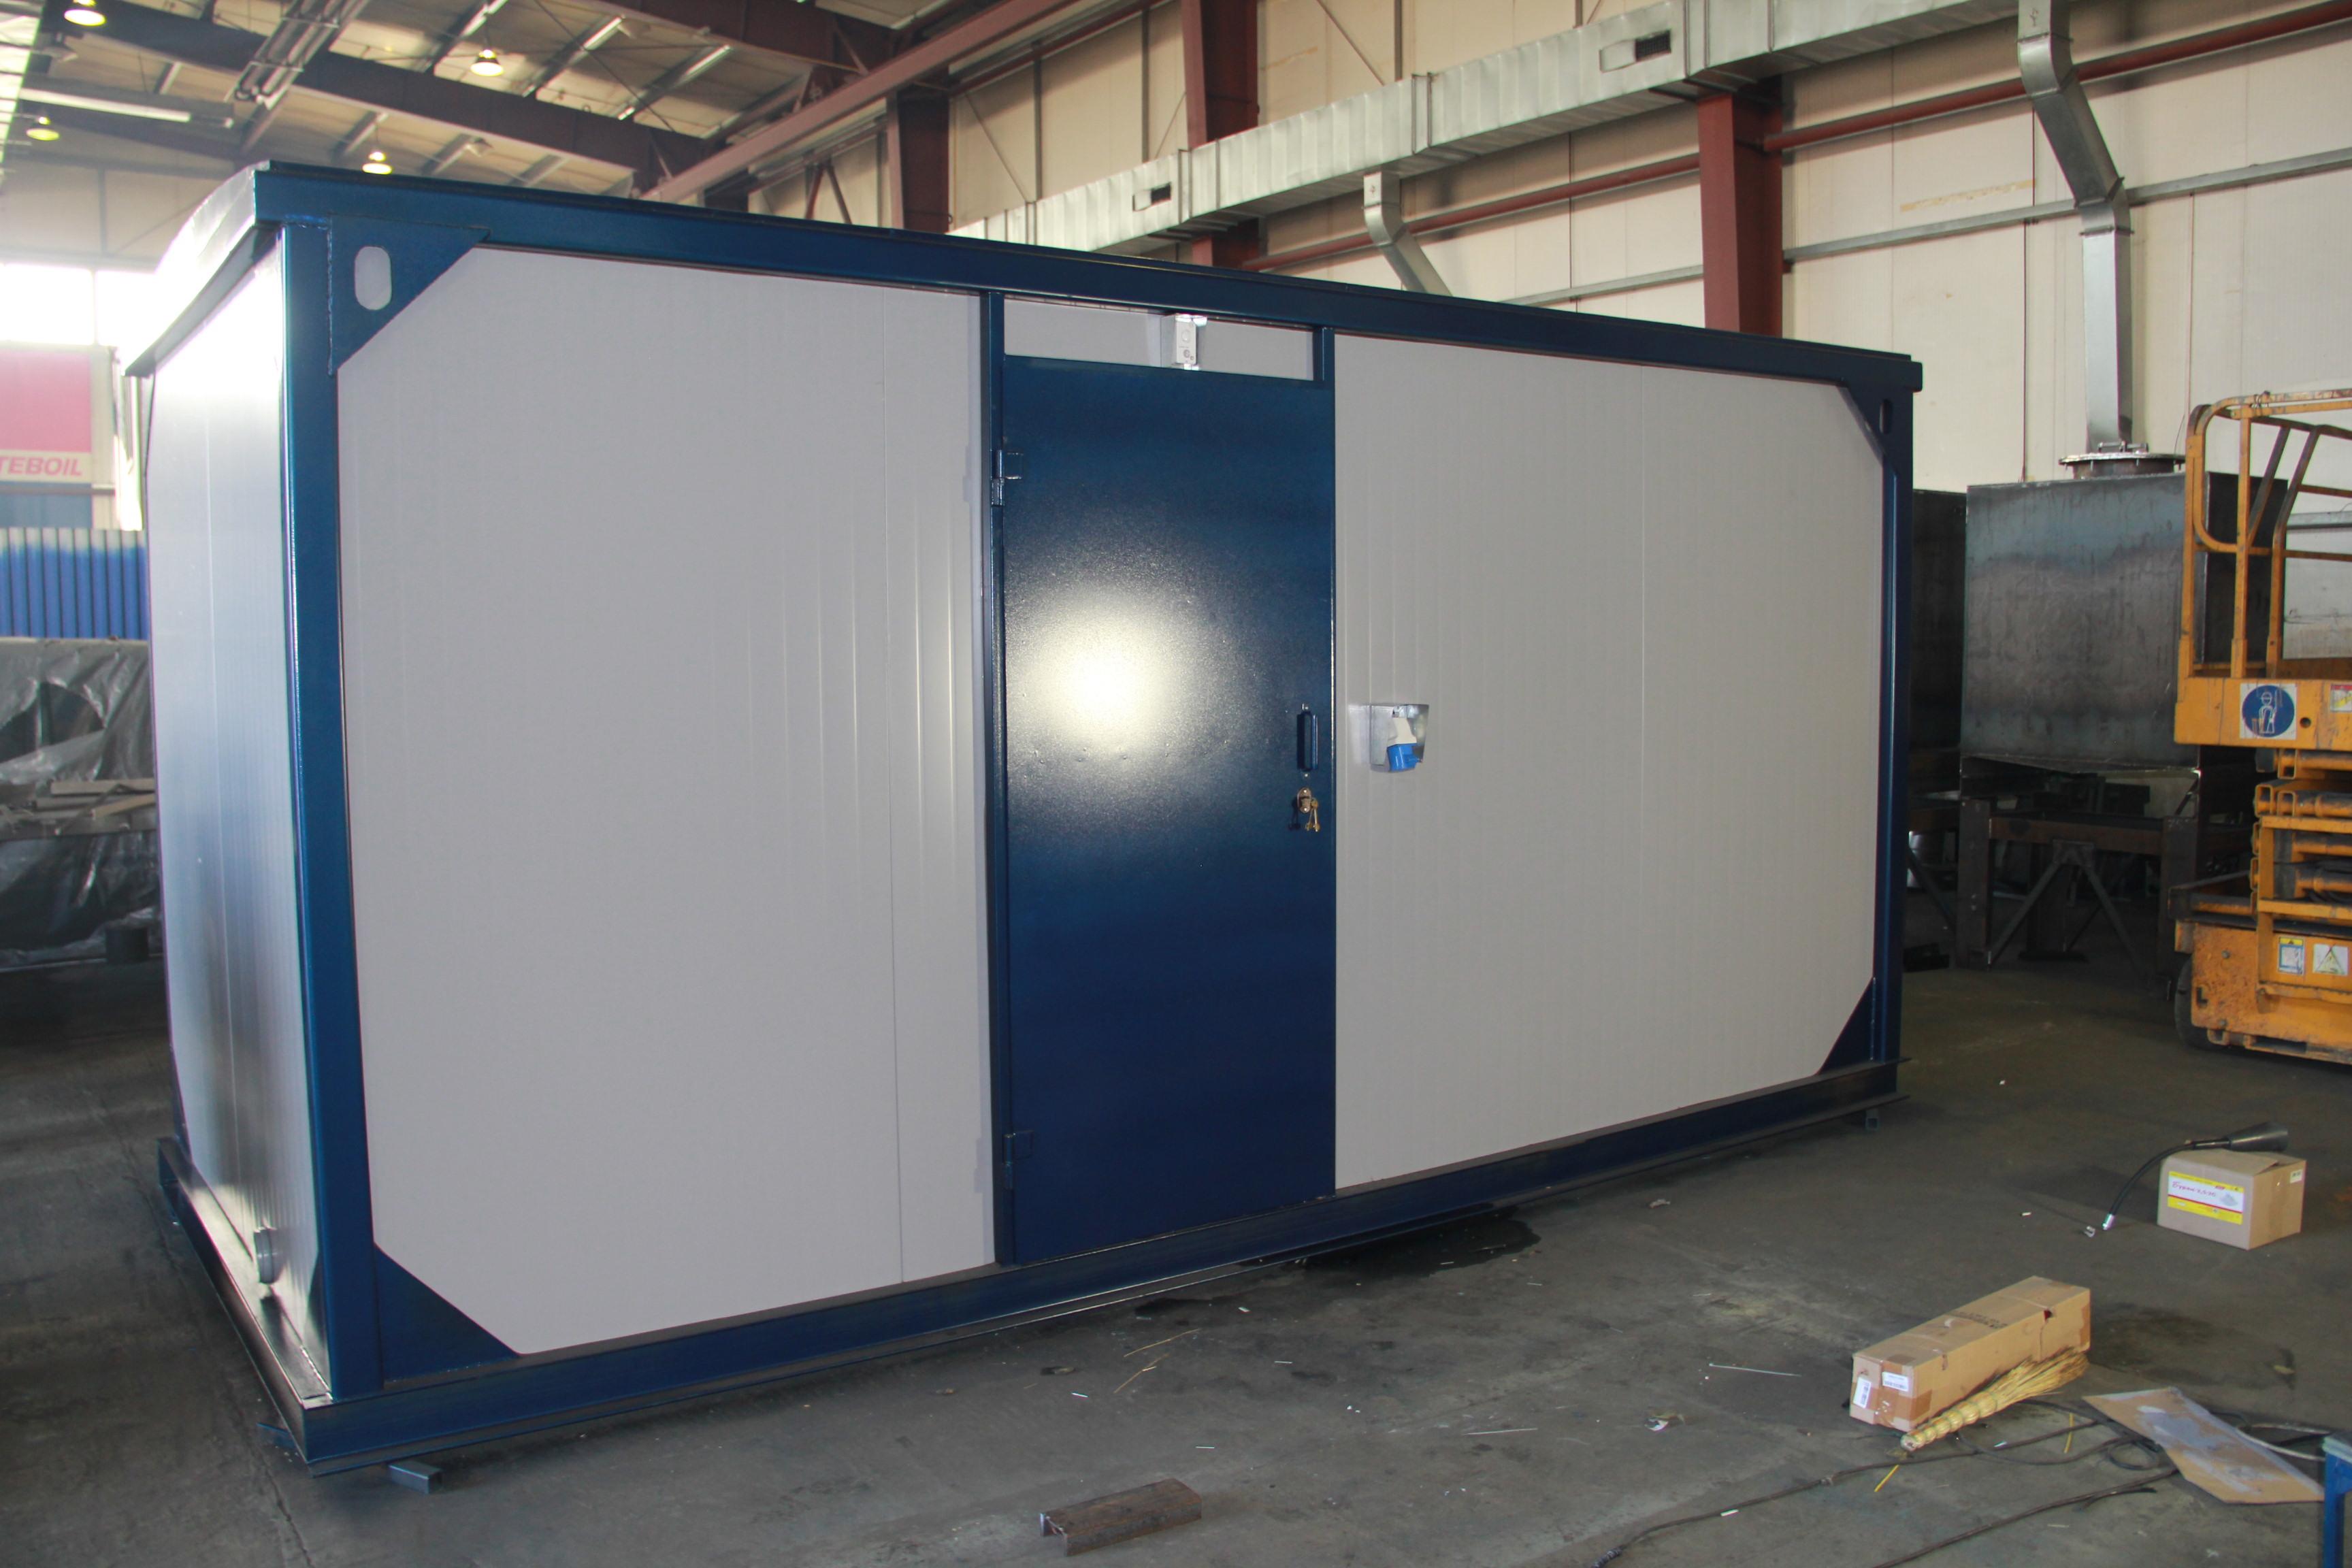 Внешний вид IVECO АД-400С-Т400-1РНИ в контейнере